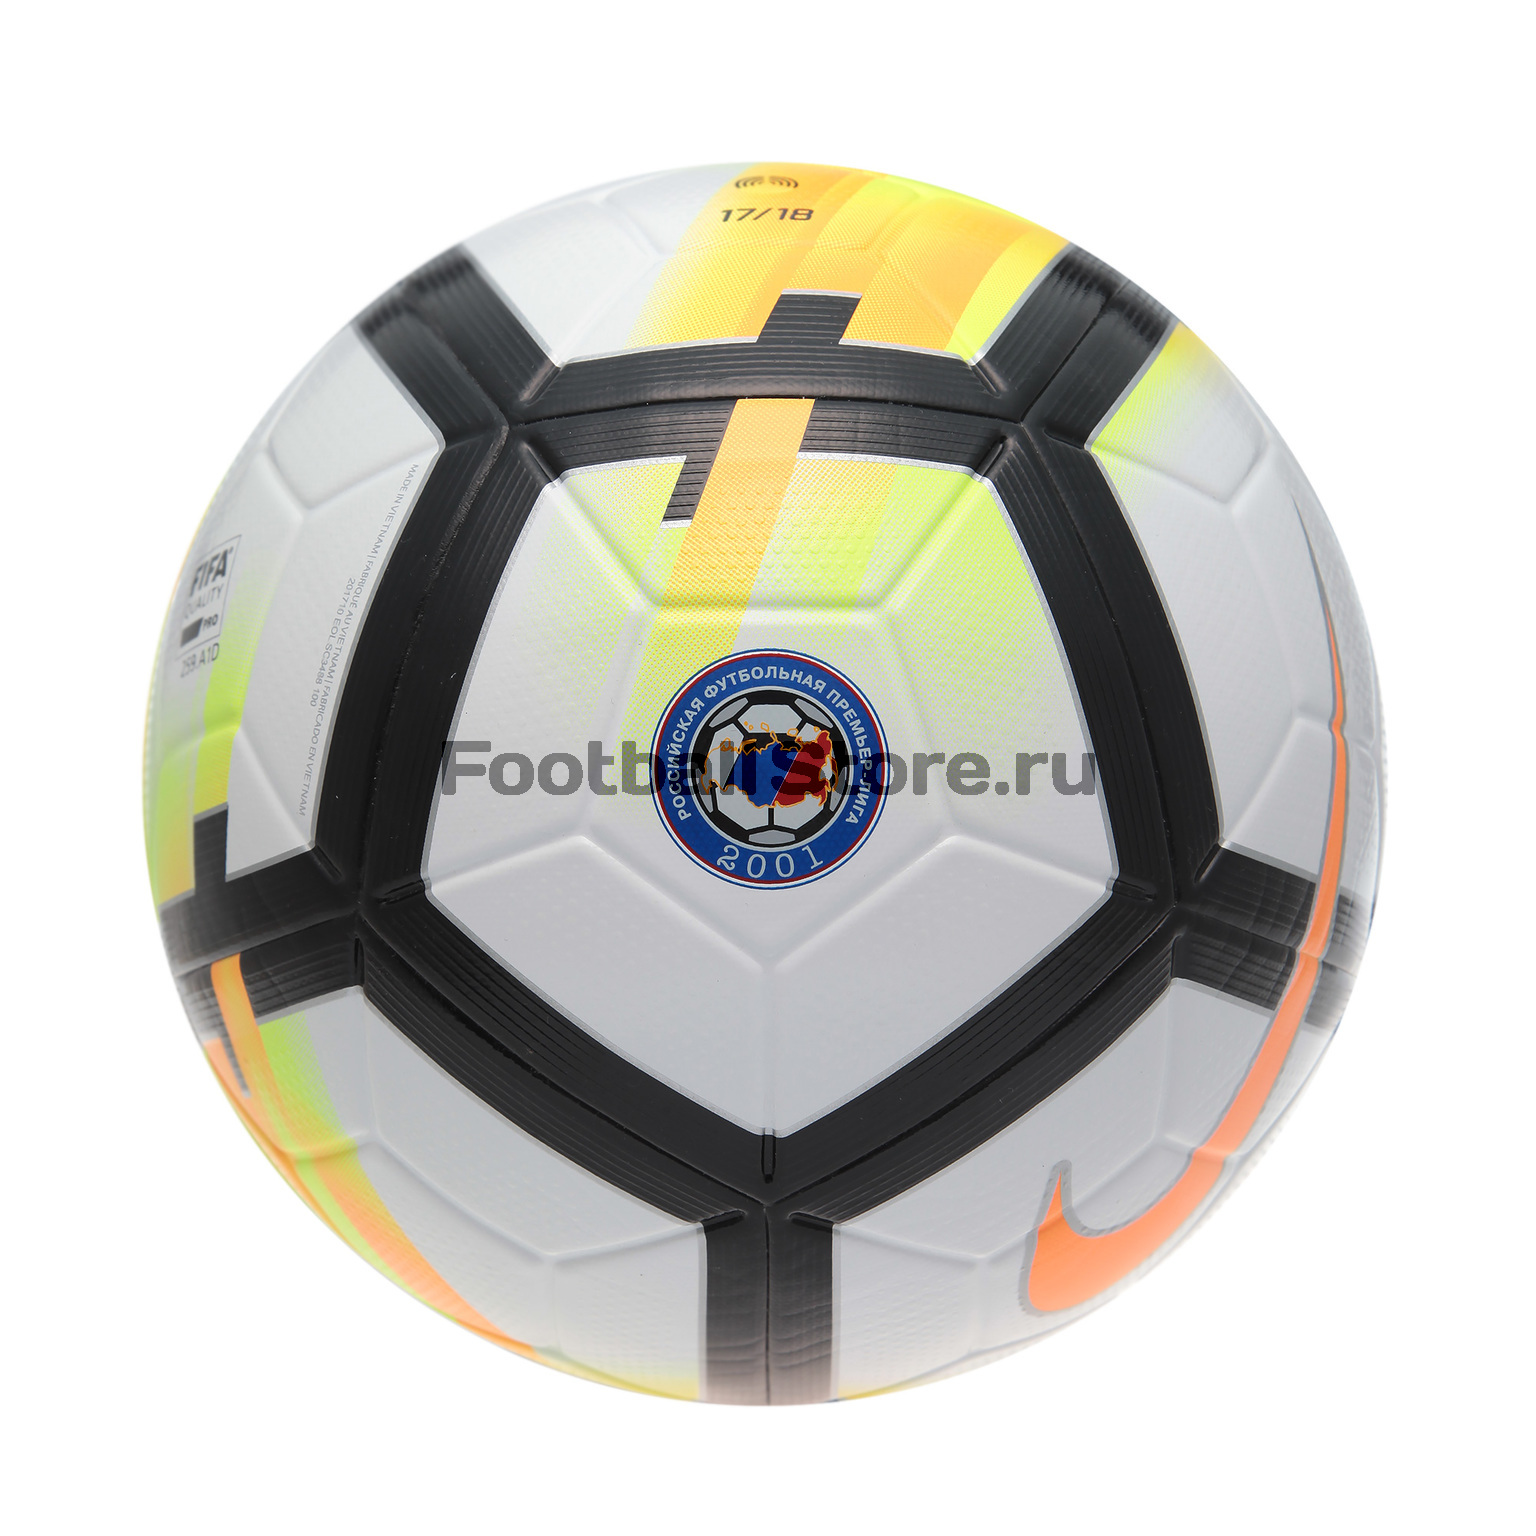 Официальный футбольный мяч РФПЛ Nike Ordem V SC3488-100 официальный сайт одноклассники войти